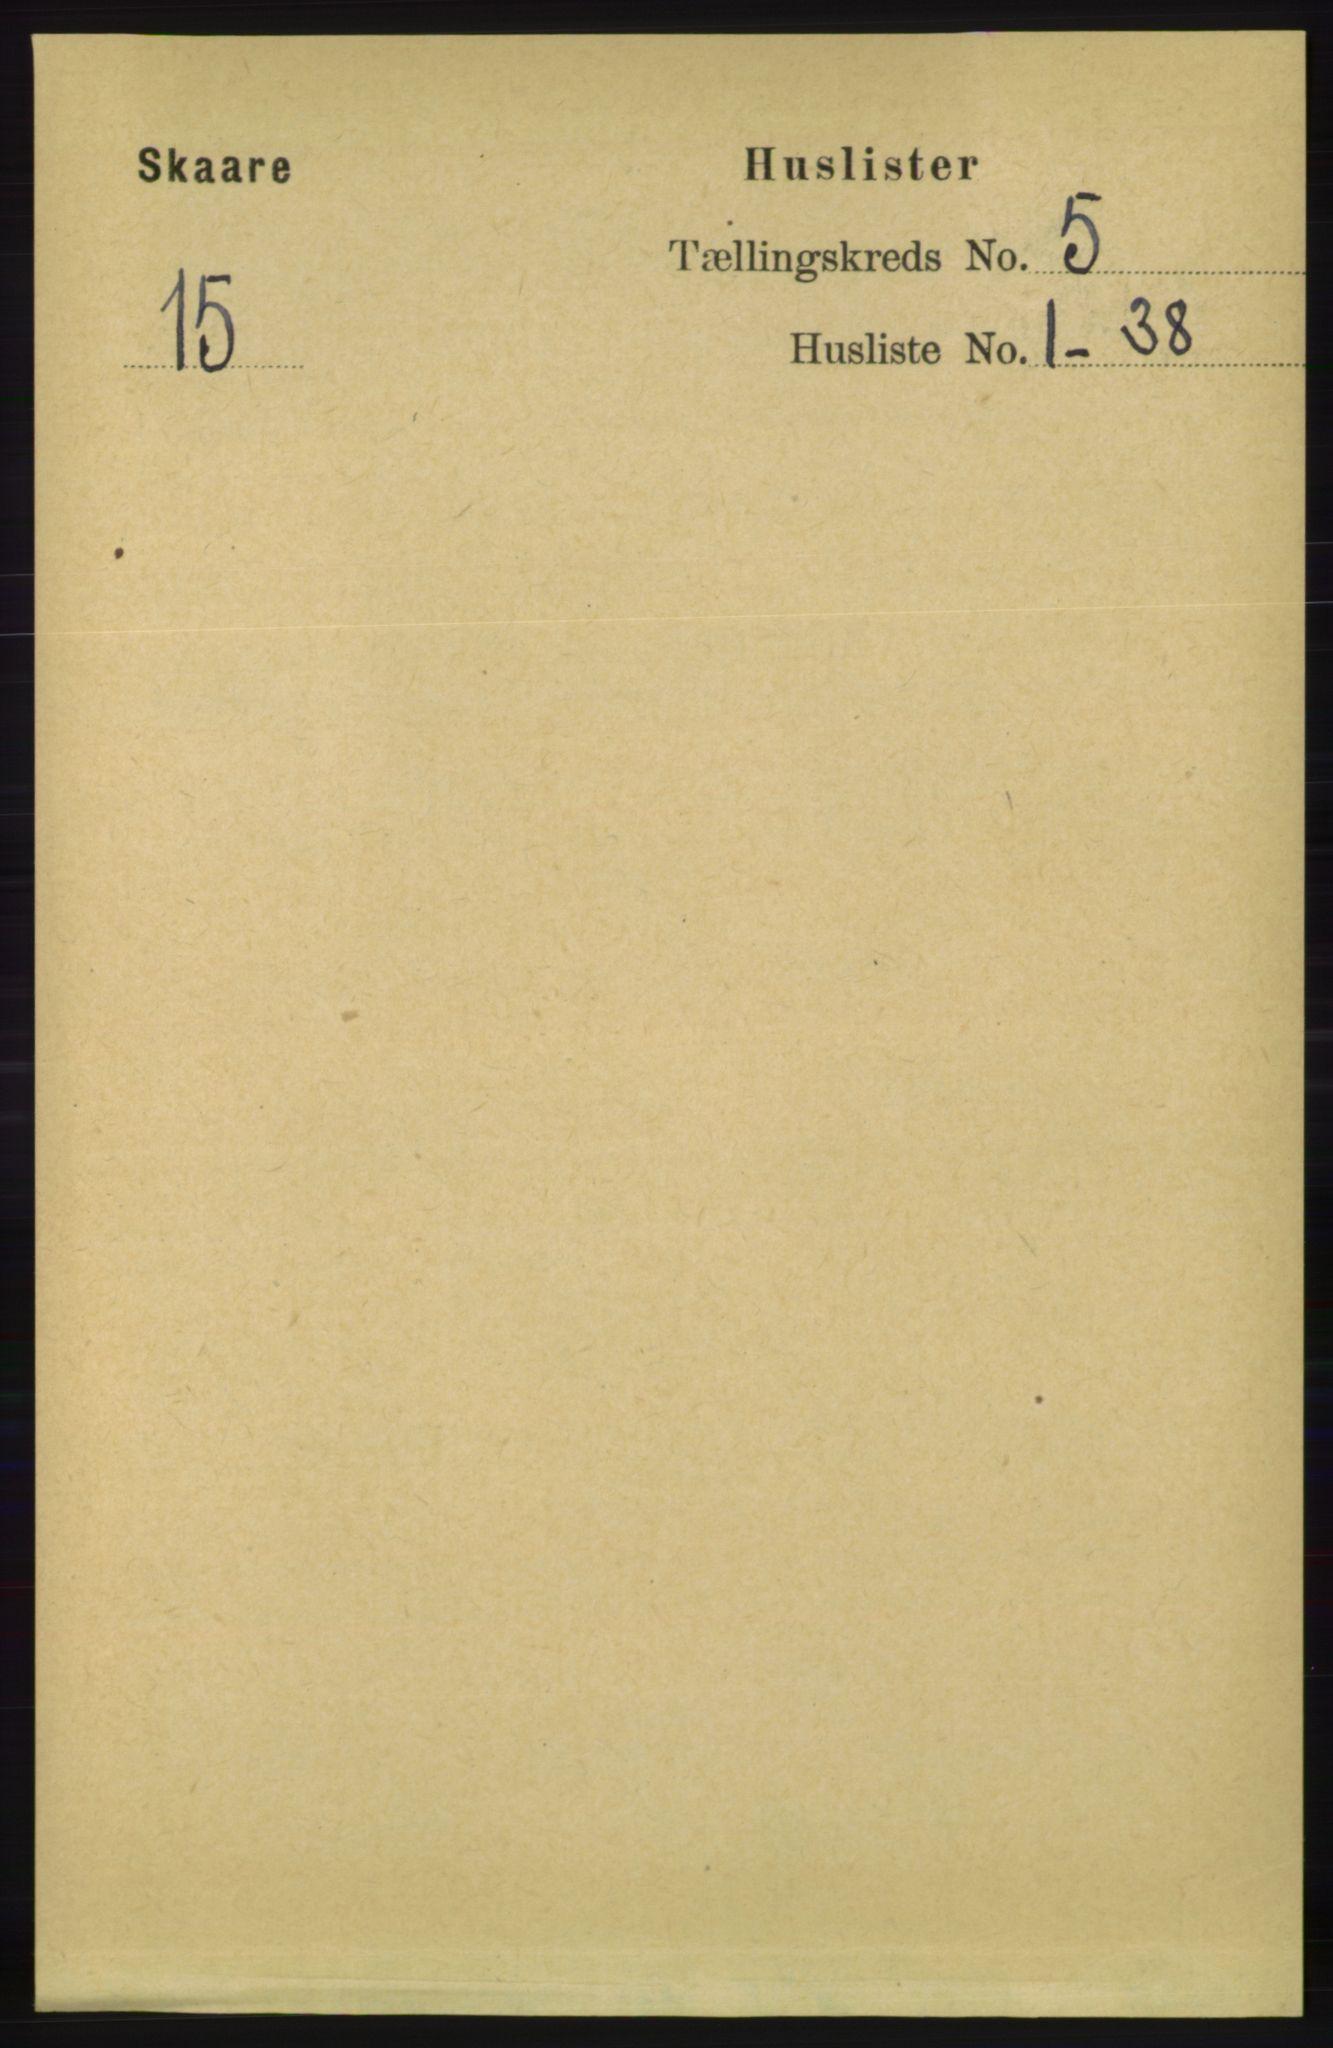 RA, Folketelling 1891 for 1153 Skåre herred, 1891, s. 2114